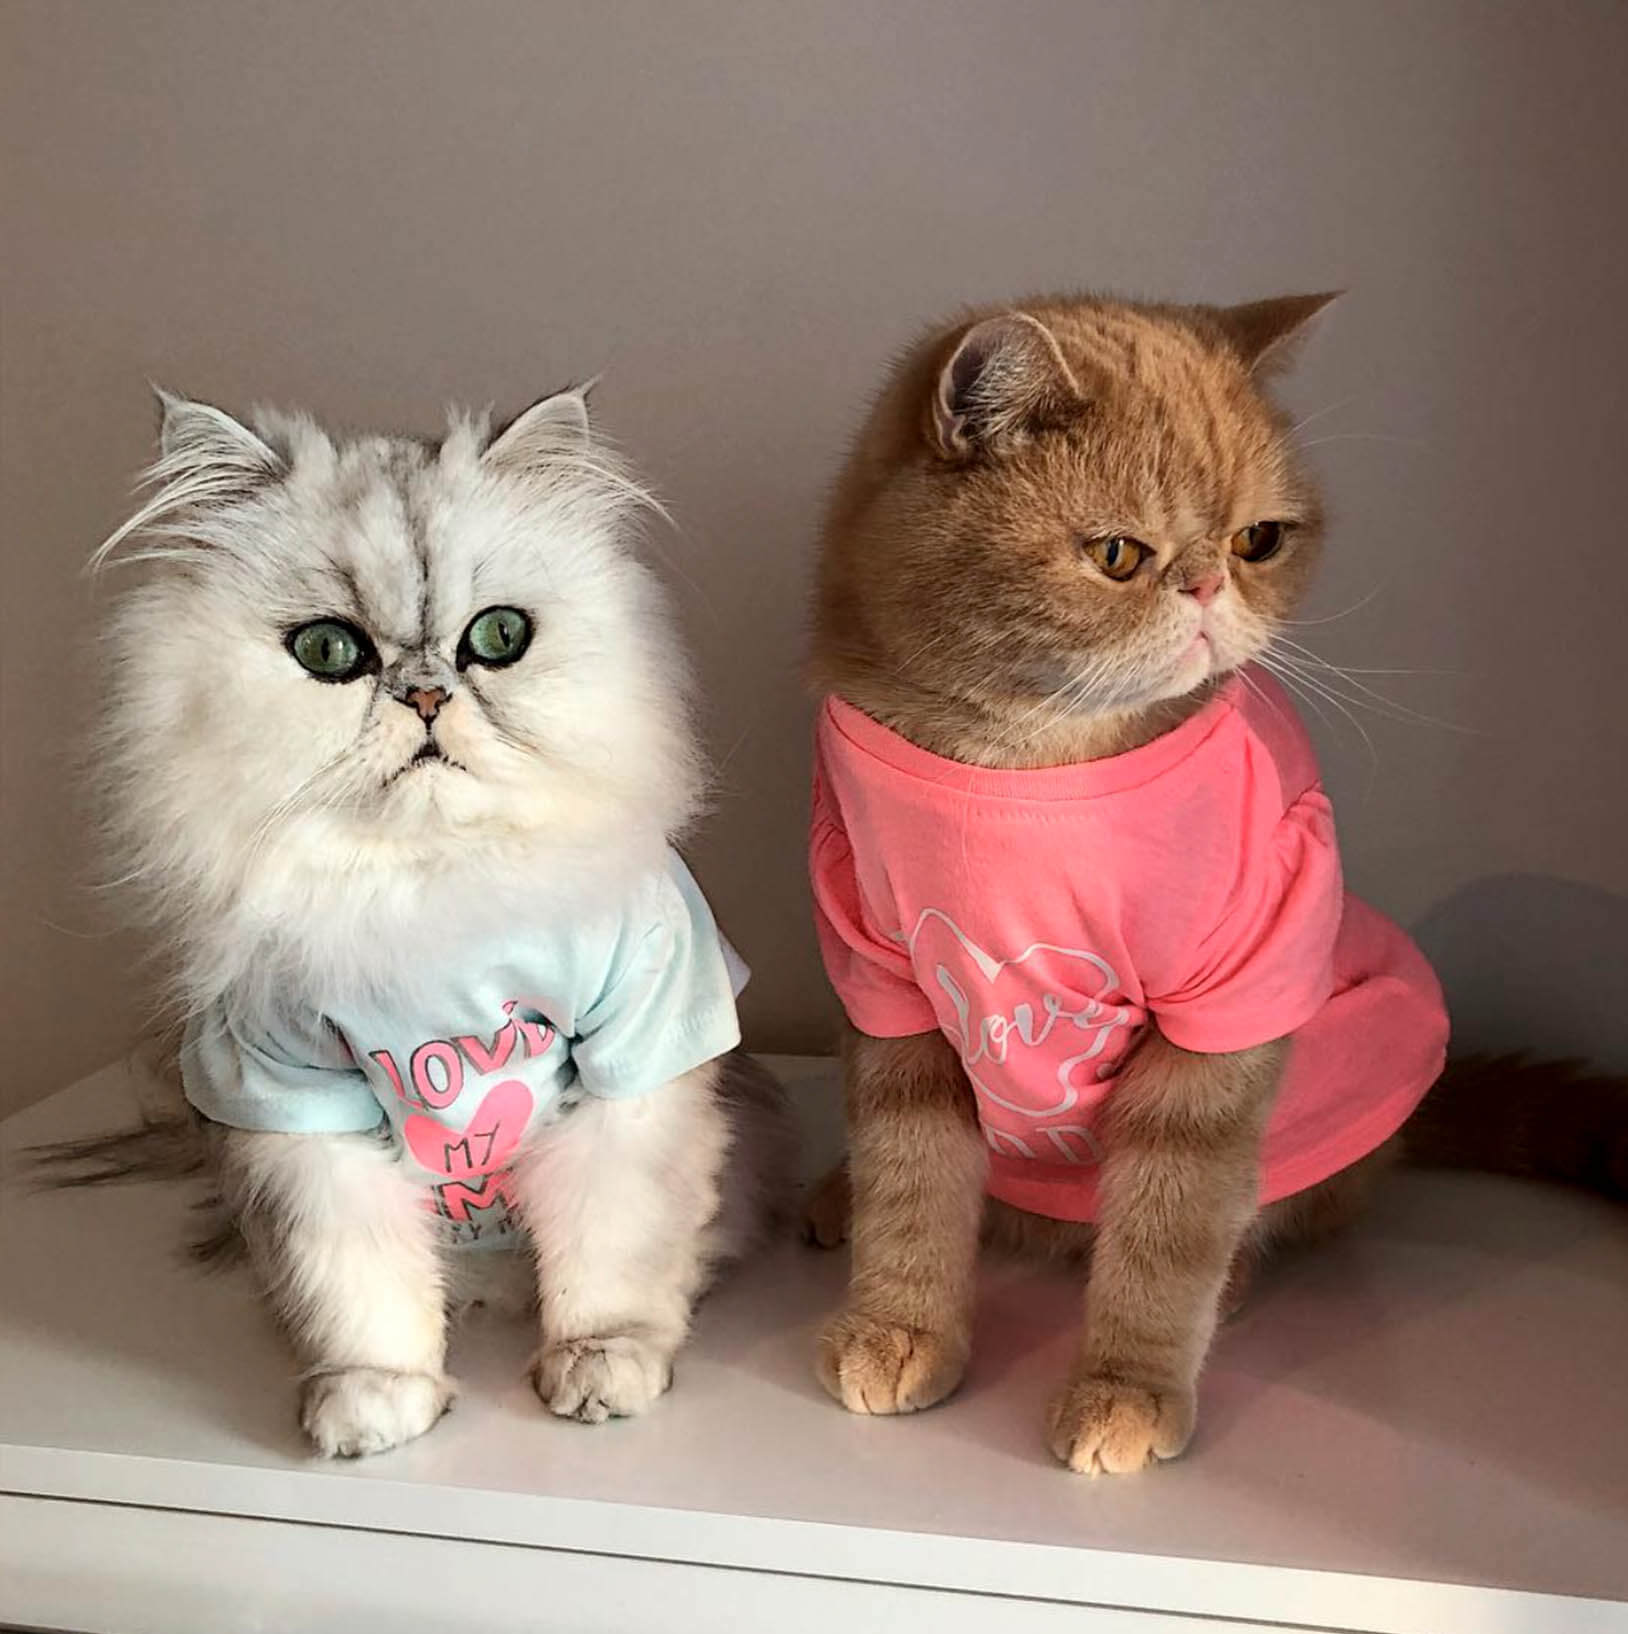 Подборка милых котов и кошек в картинках 4